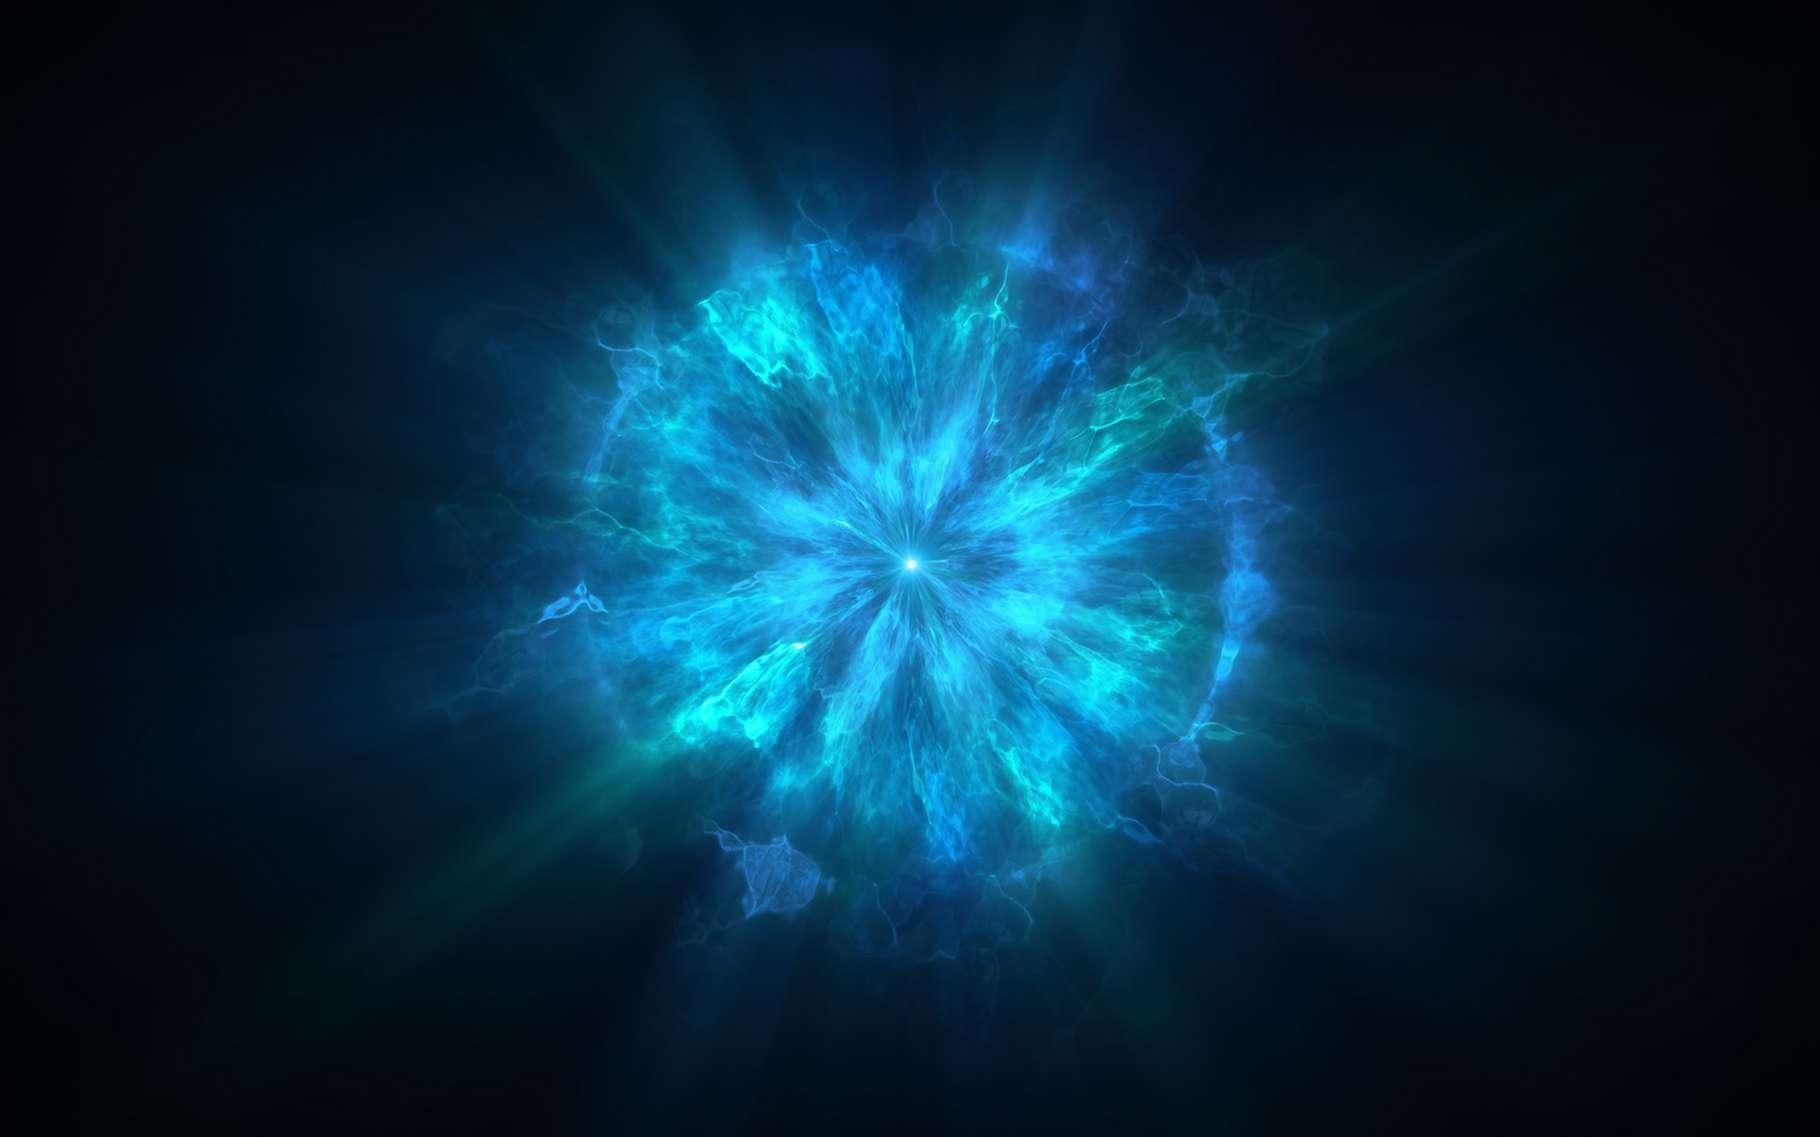 Les astronomes ont identifié une nouvelle classe d'objets transitoires, des explosions cosmiques rapides, lumineuses et puissantes. © YustynaOlha, Adobe Stock